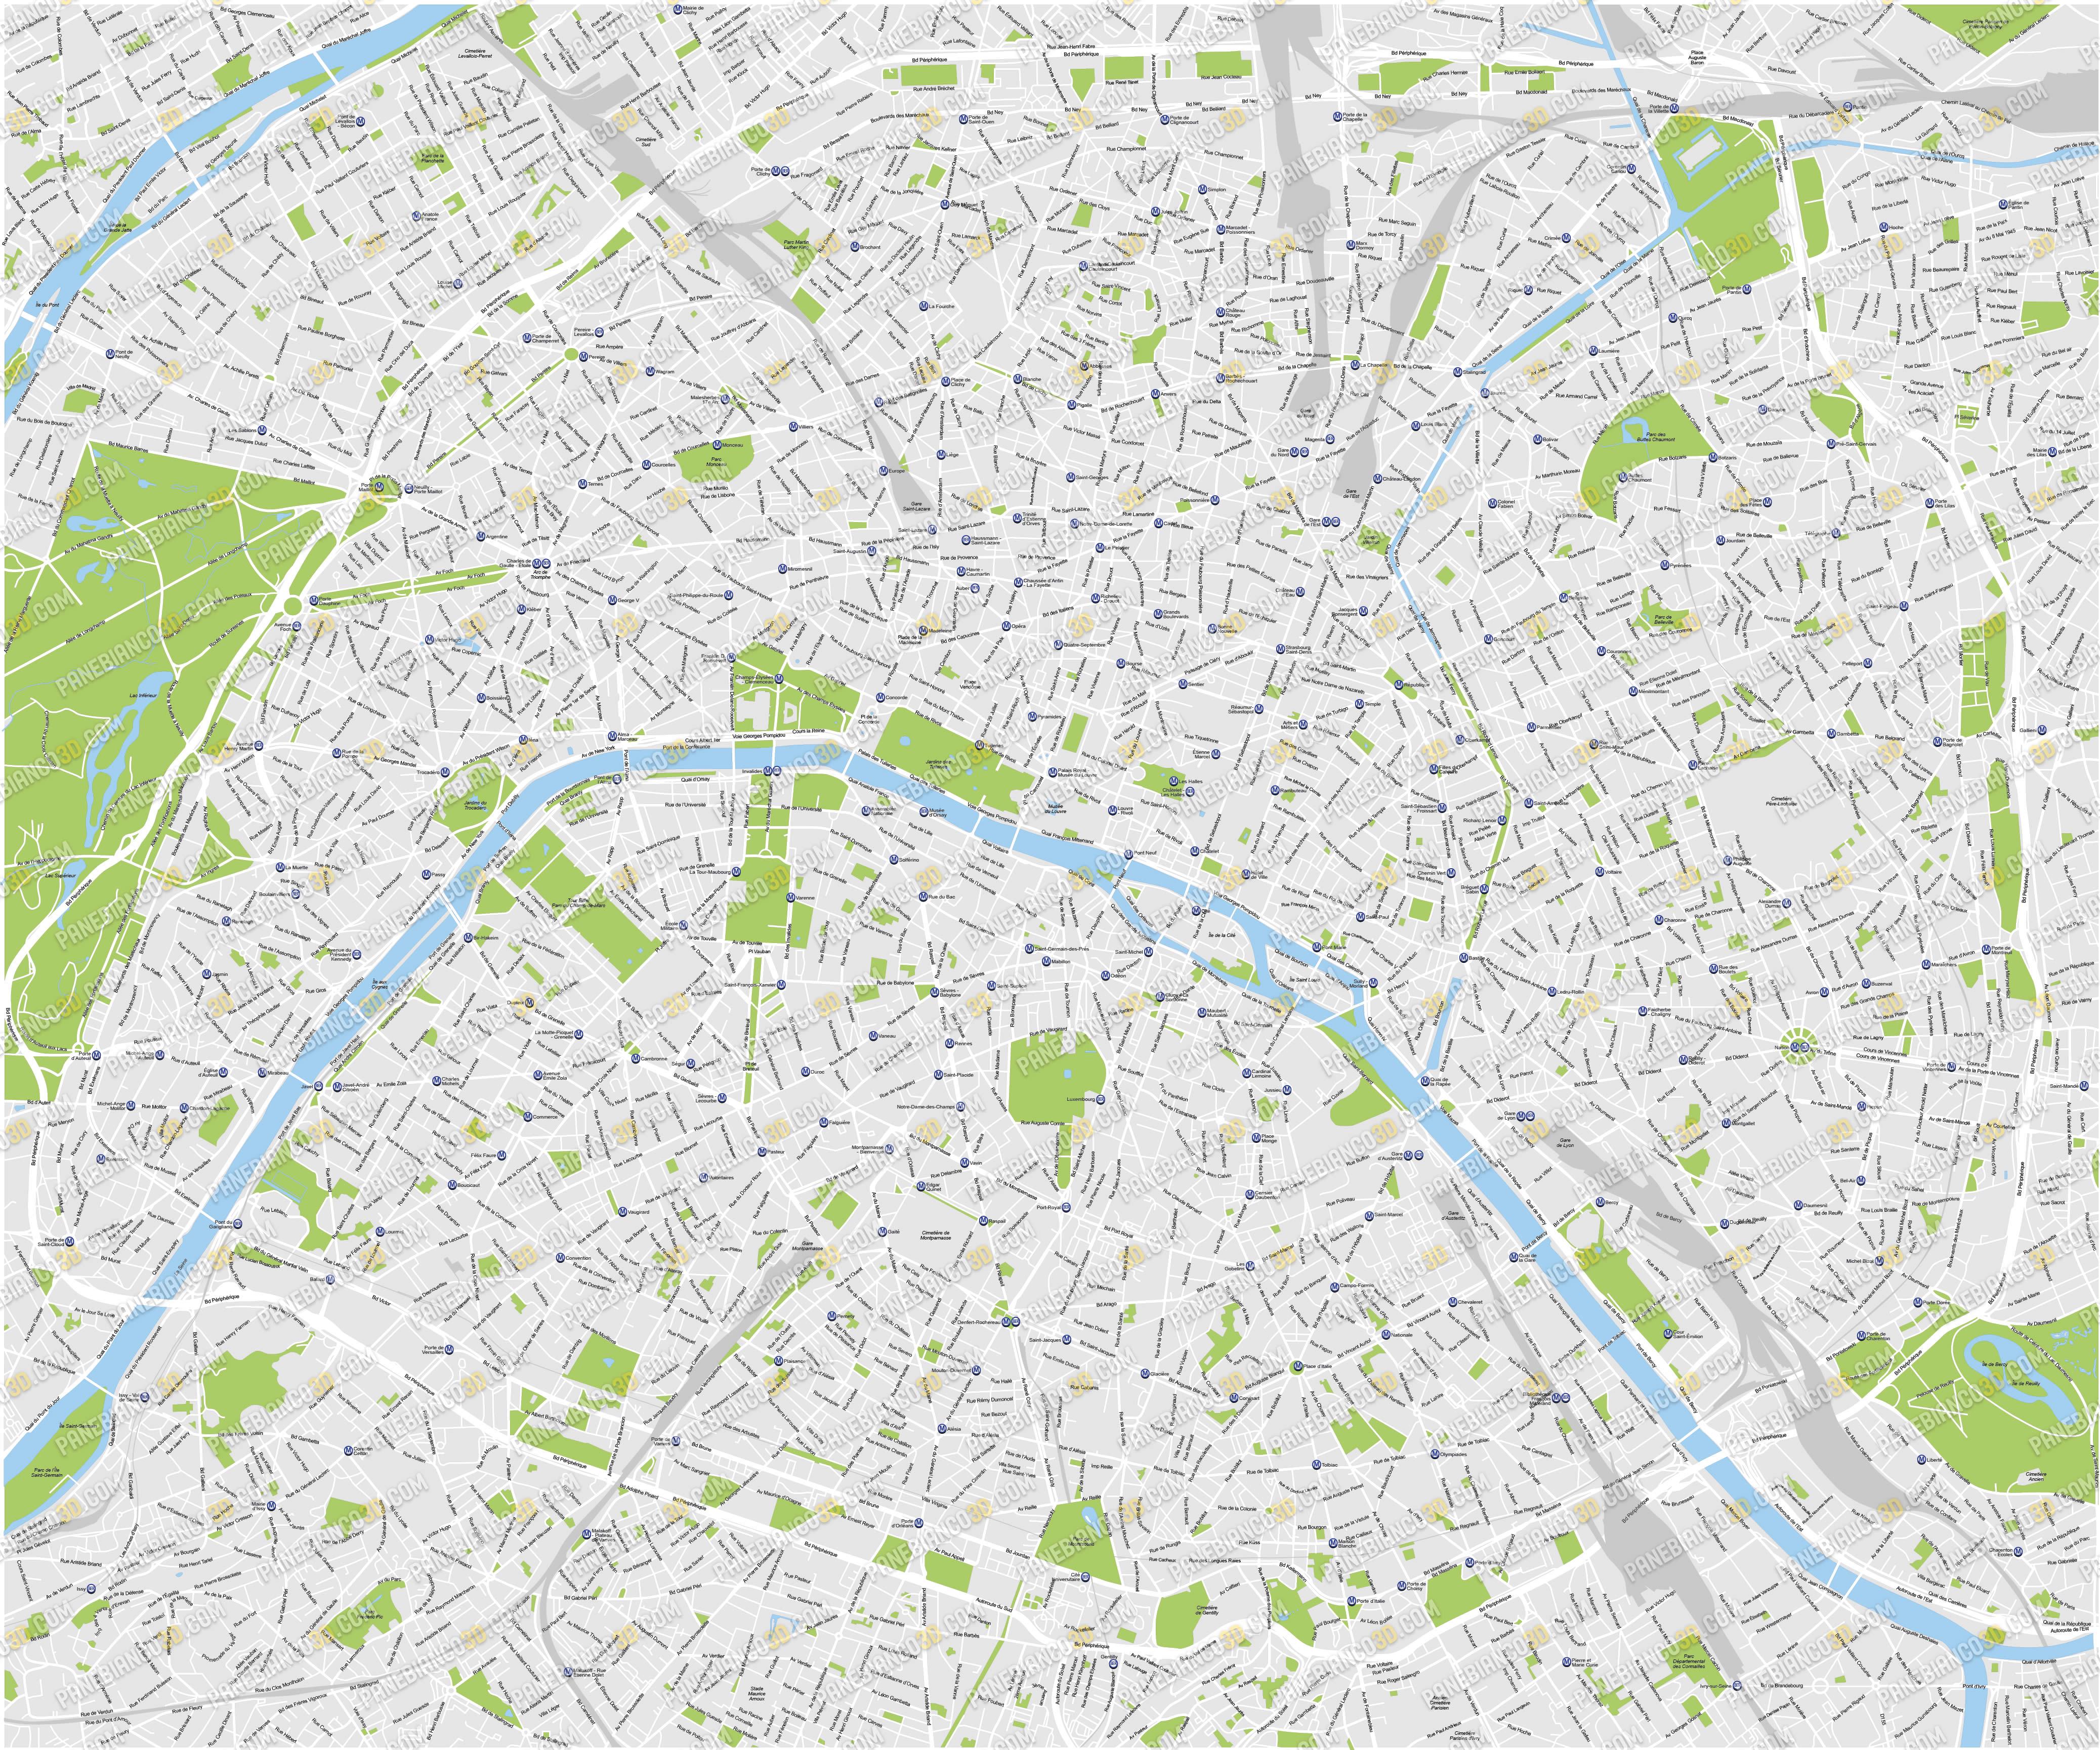 Cartina Parigi Con Quartieri.Mappa Vettoriale Della Citta Di Parigi Mappa Modificabile In Formato Eps E Ai